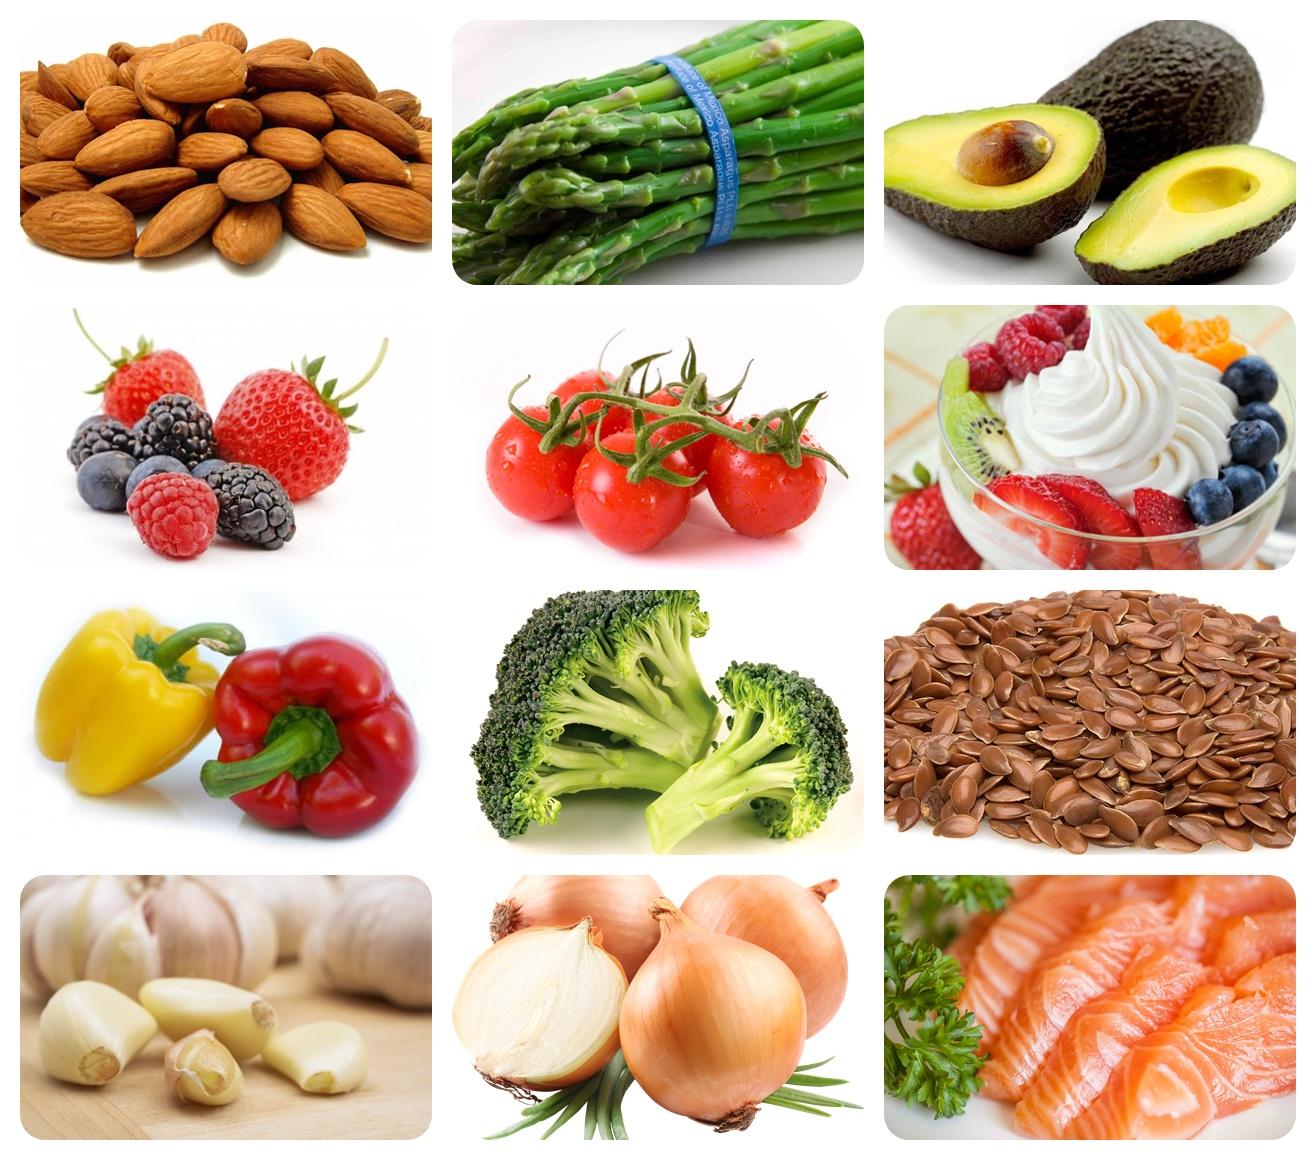 makanan sihat makanan sihat Makanan Sihat Yang Patut Sentiasa Ada Dalam List Shopping Anda makanan sihat